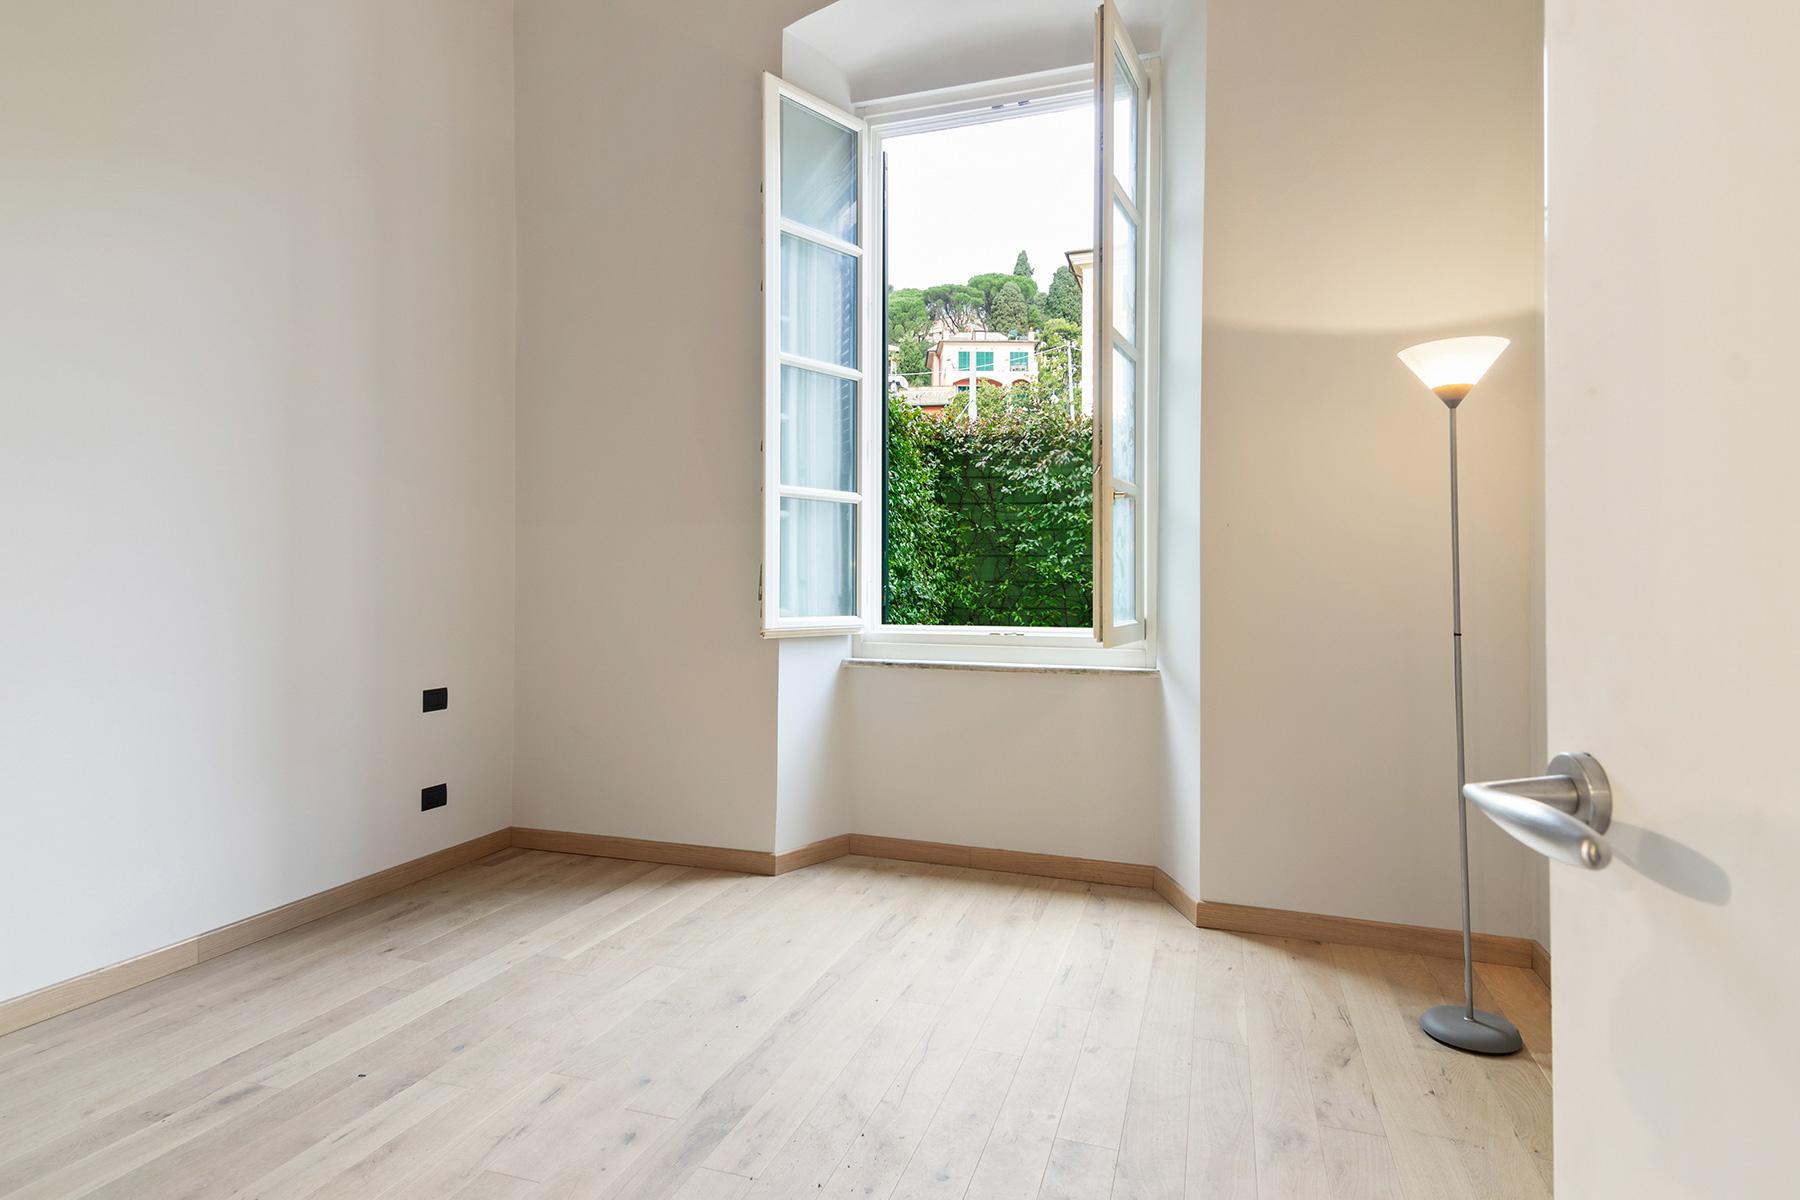 Appartamento in Vendita a Santa Margherita Ligure: 5 locali, 150 mq - Foto 16